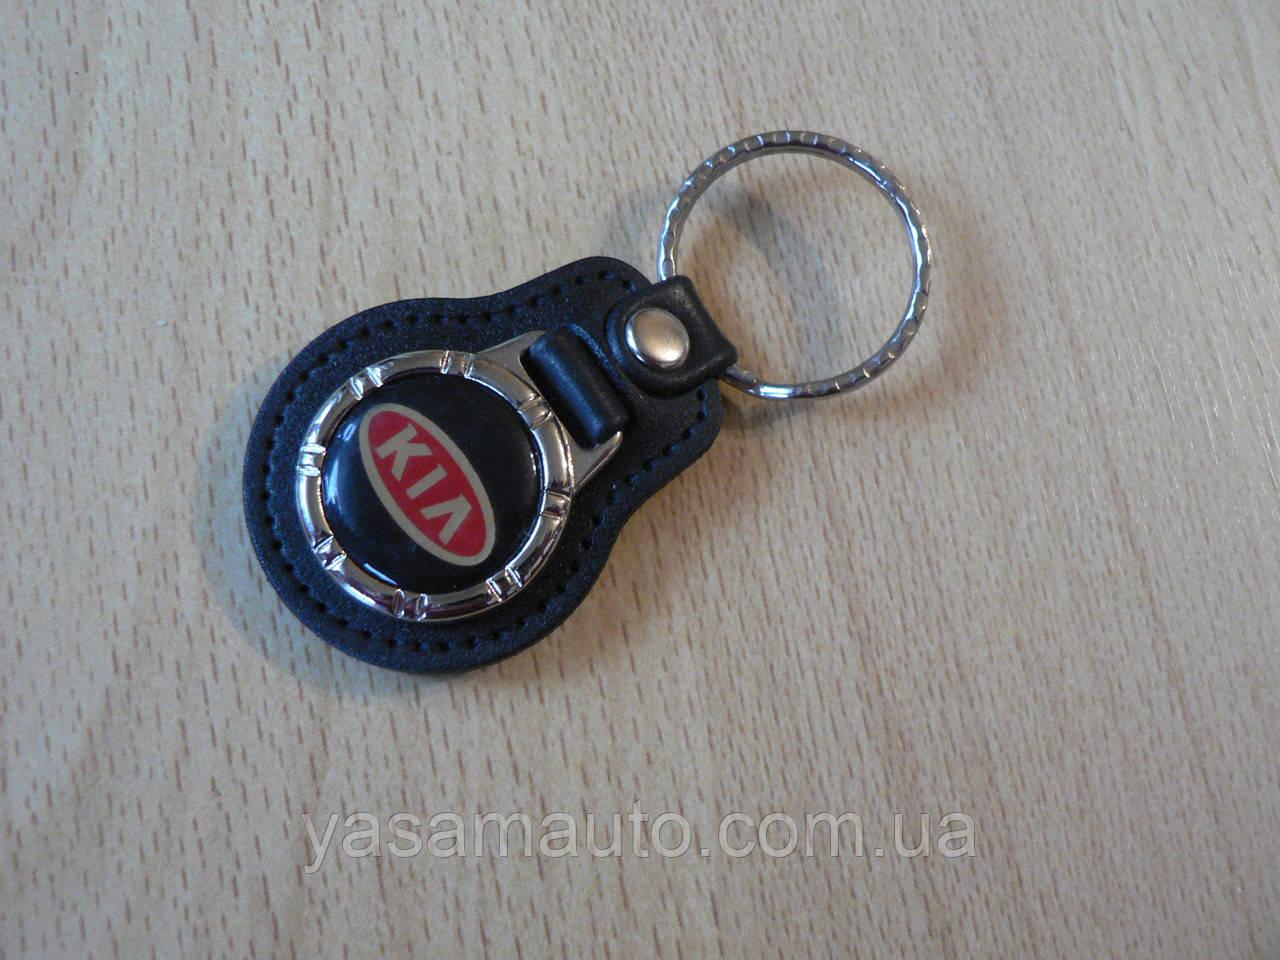 Брелок кожзам округлый KIA логотип эмблема КИА автомобильный на авто ключи комбинированный